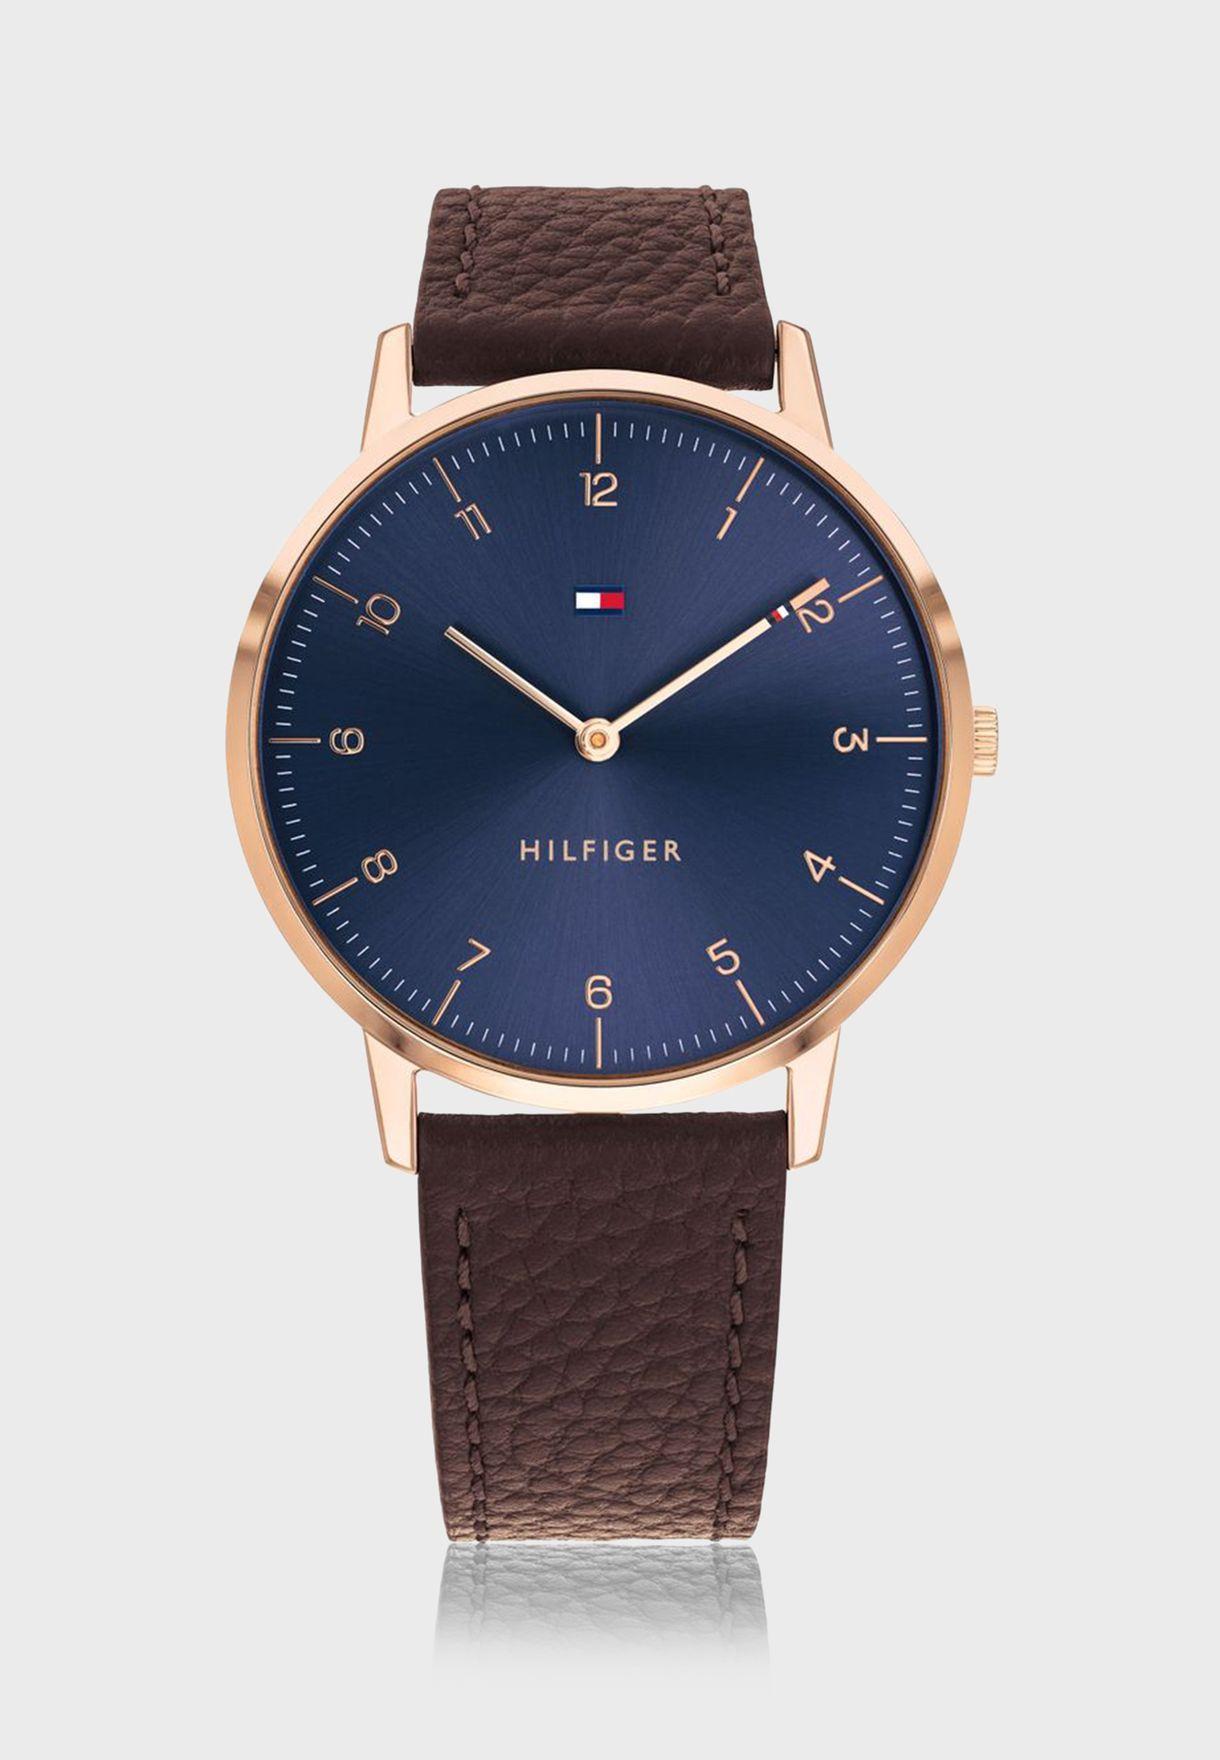 ساعة تومي هيلفيغر كوبر بسوار جلدي للرجال - 1791582